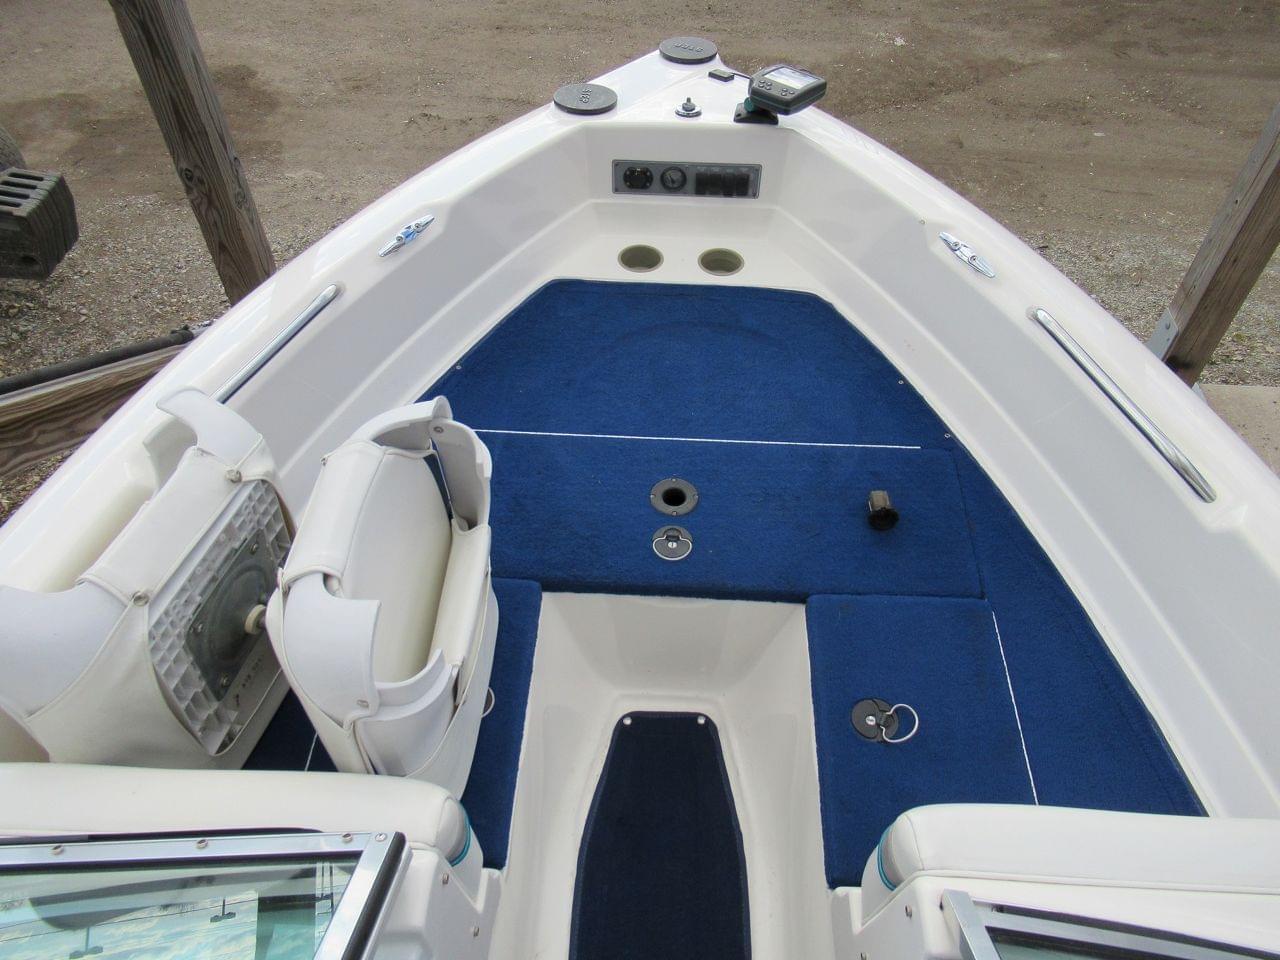 Used 1998 Bayliner 1904 Capri, Stock #UBC1919 - The Boat House